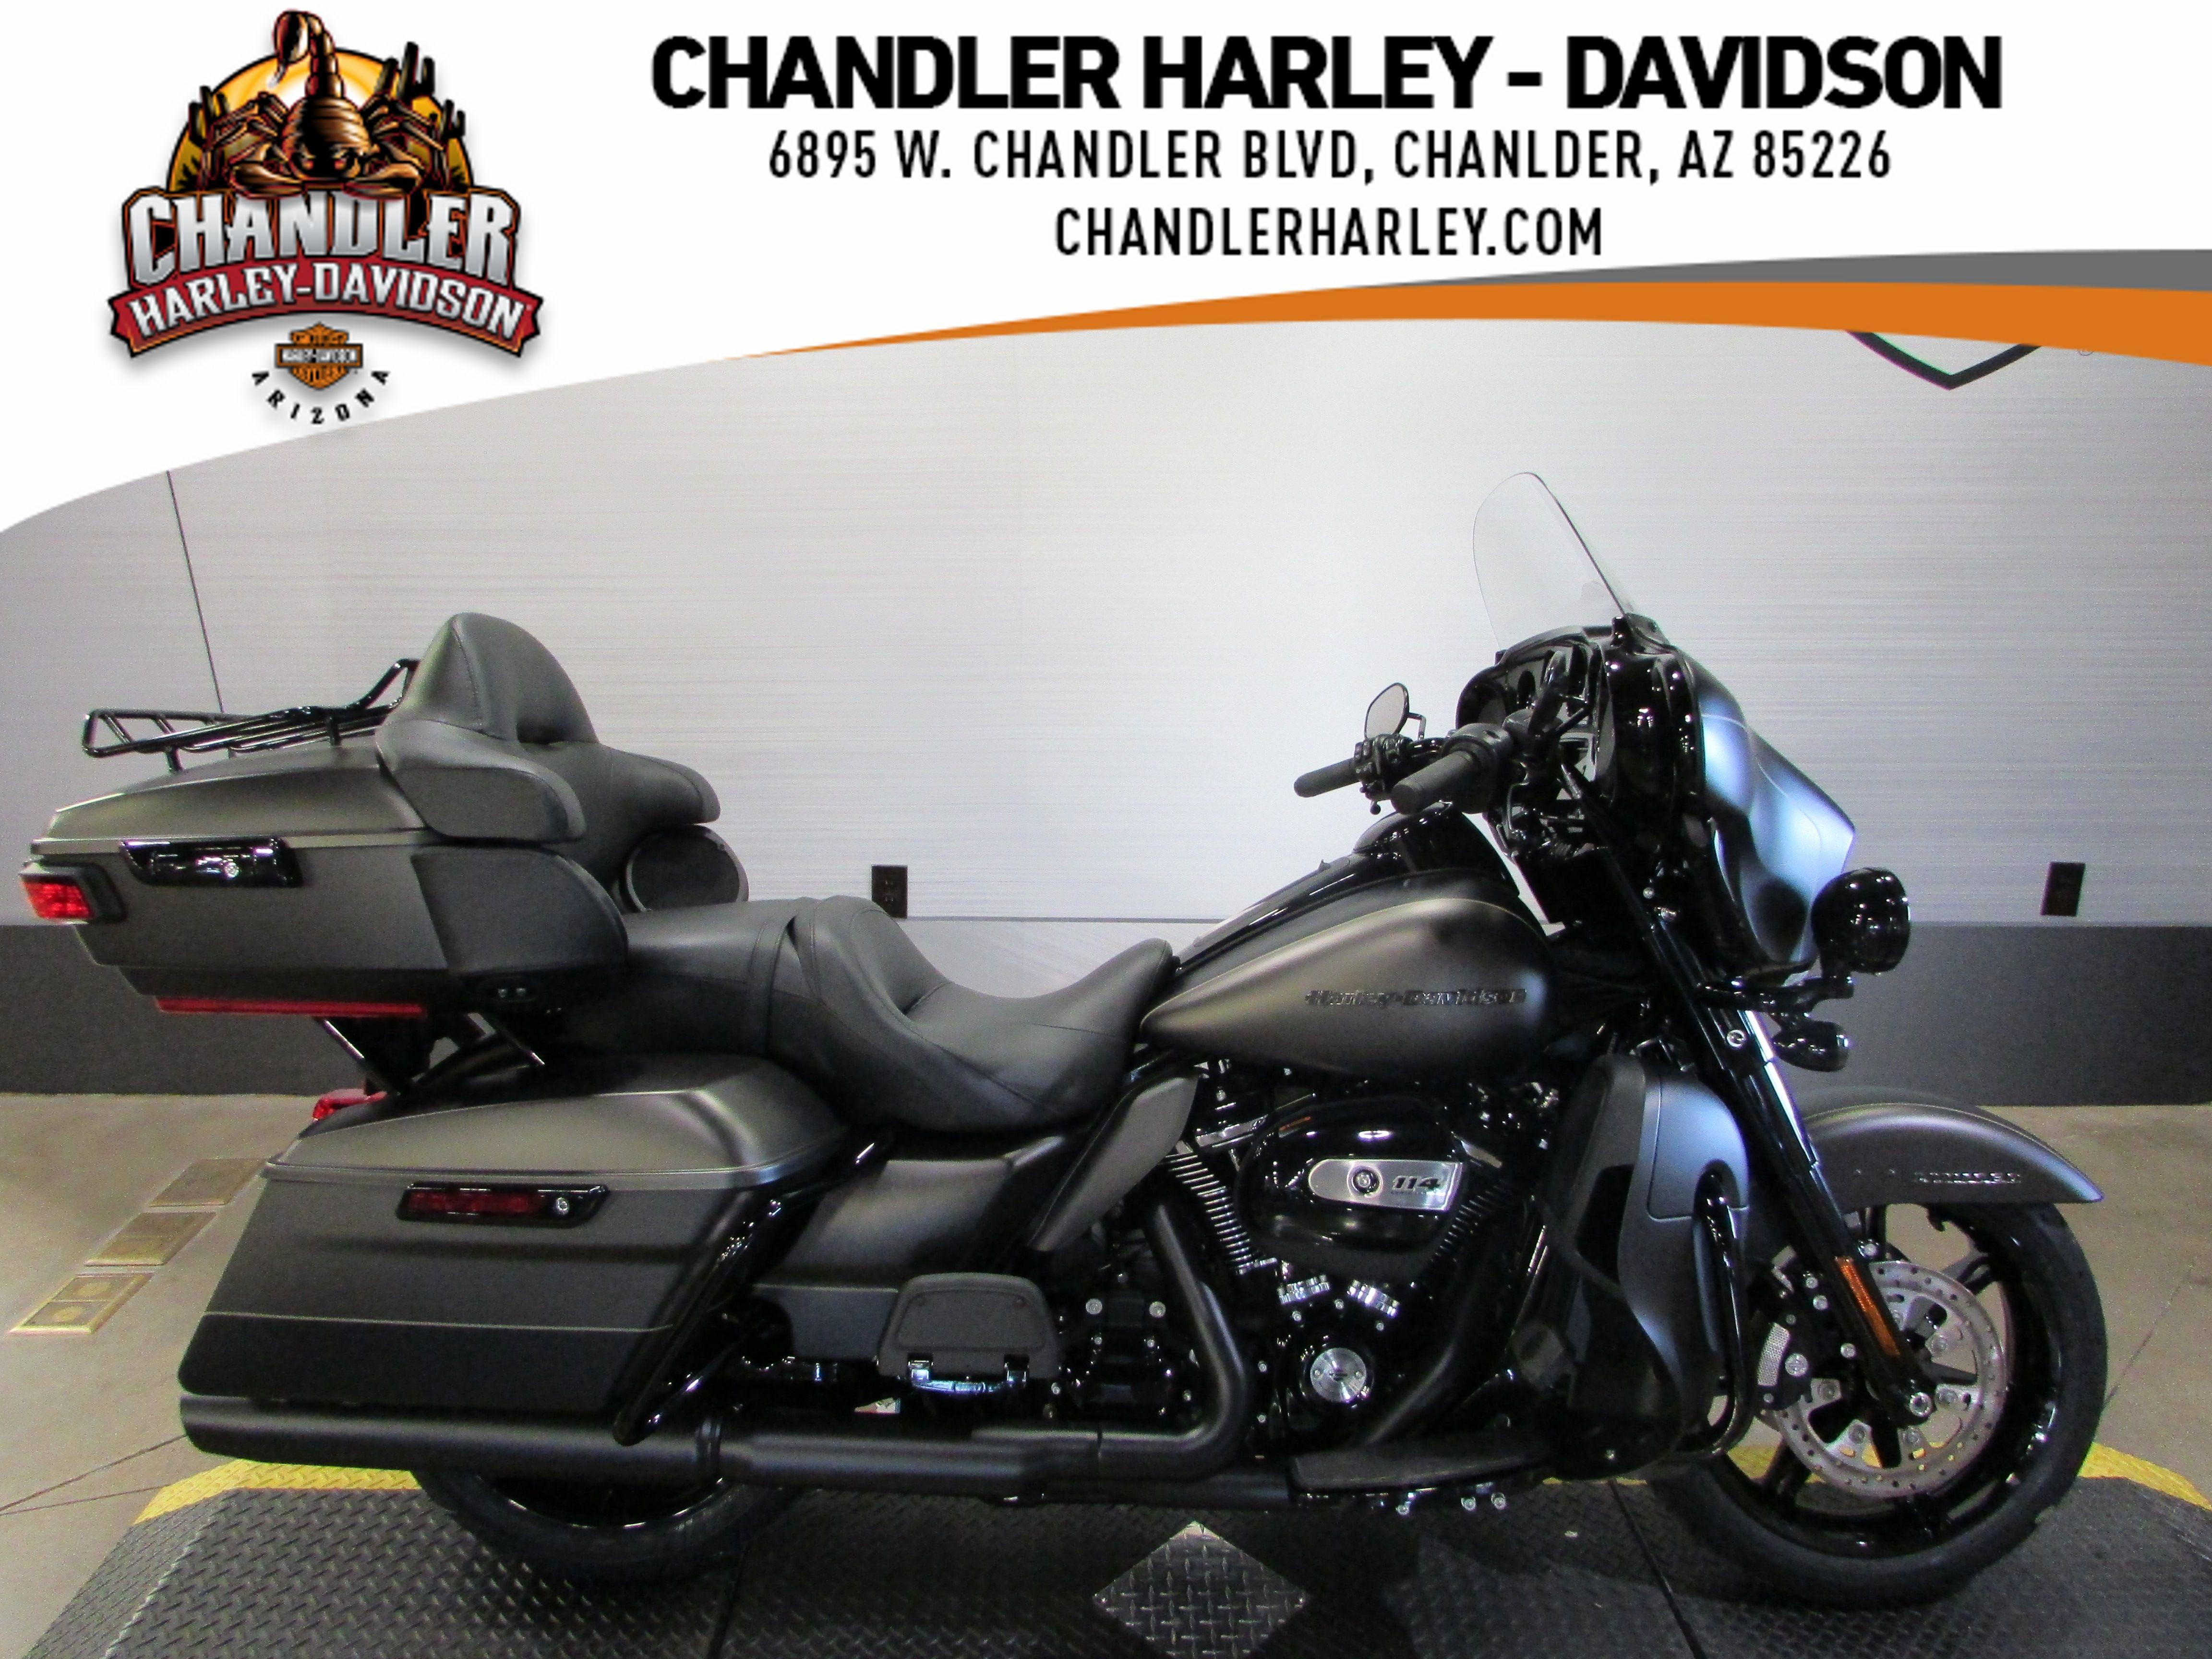 2021 Harley-Davidson ULTRA LIMITED BLACK